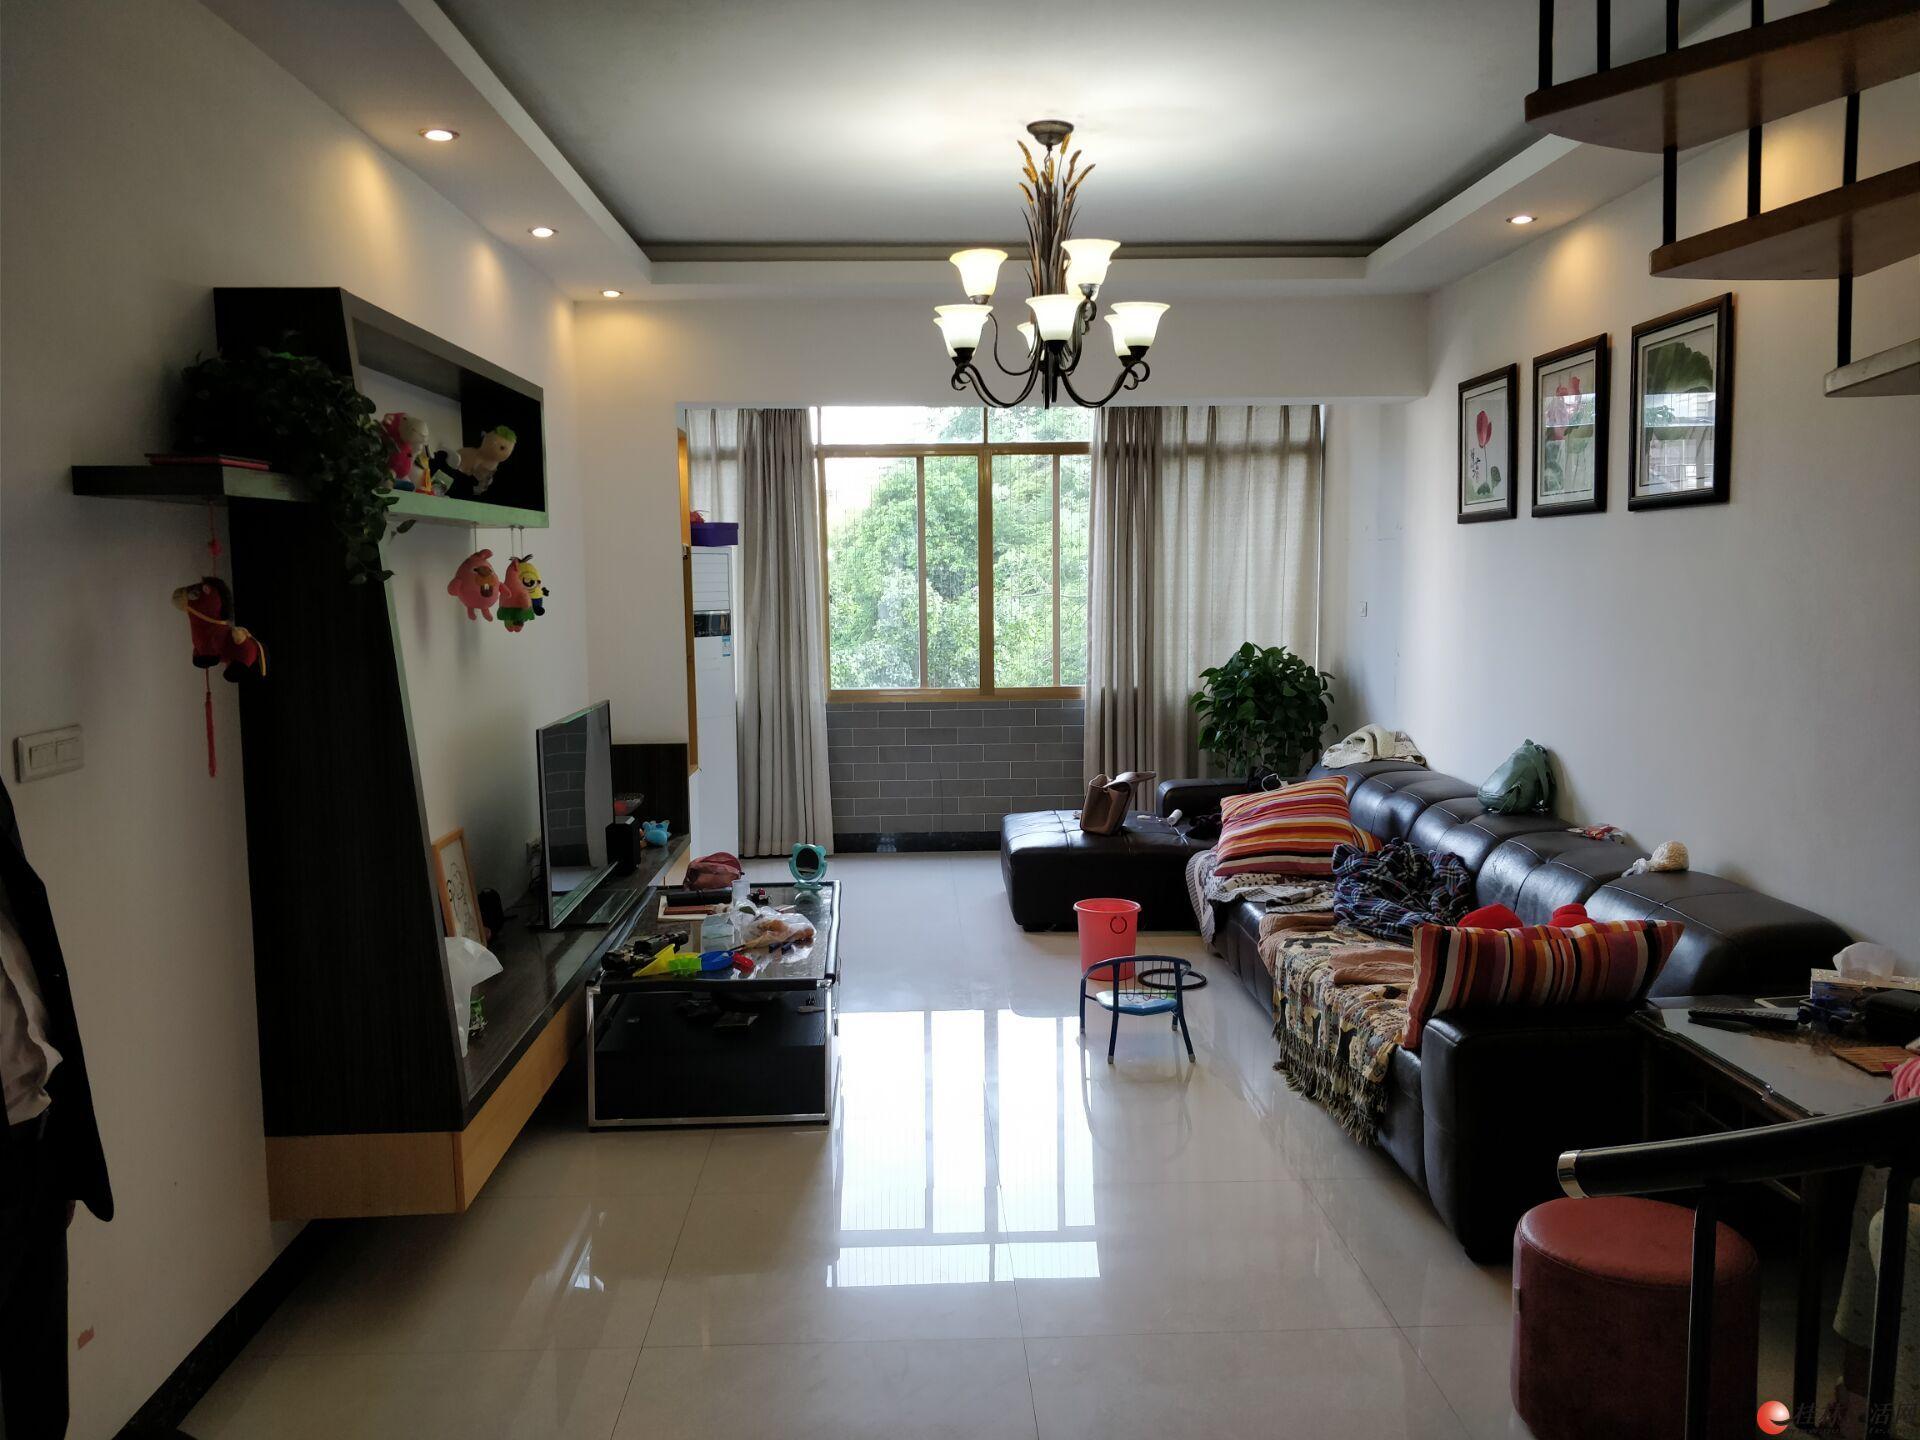 J公园绿涛湾东园复式精装3房150平 100万带阁楼露台